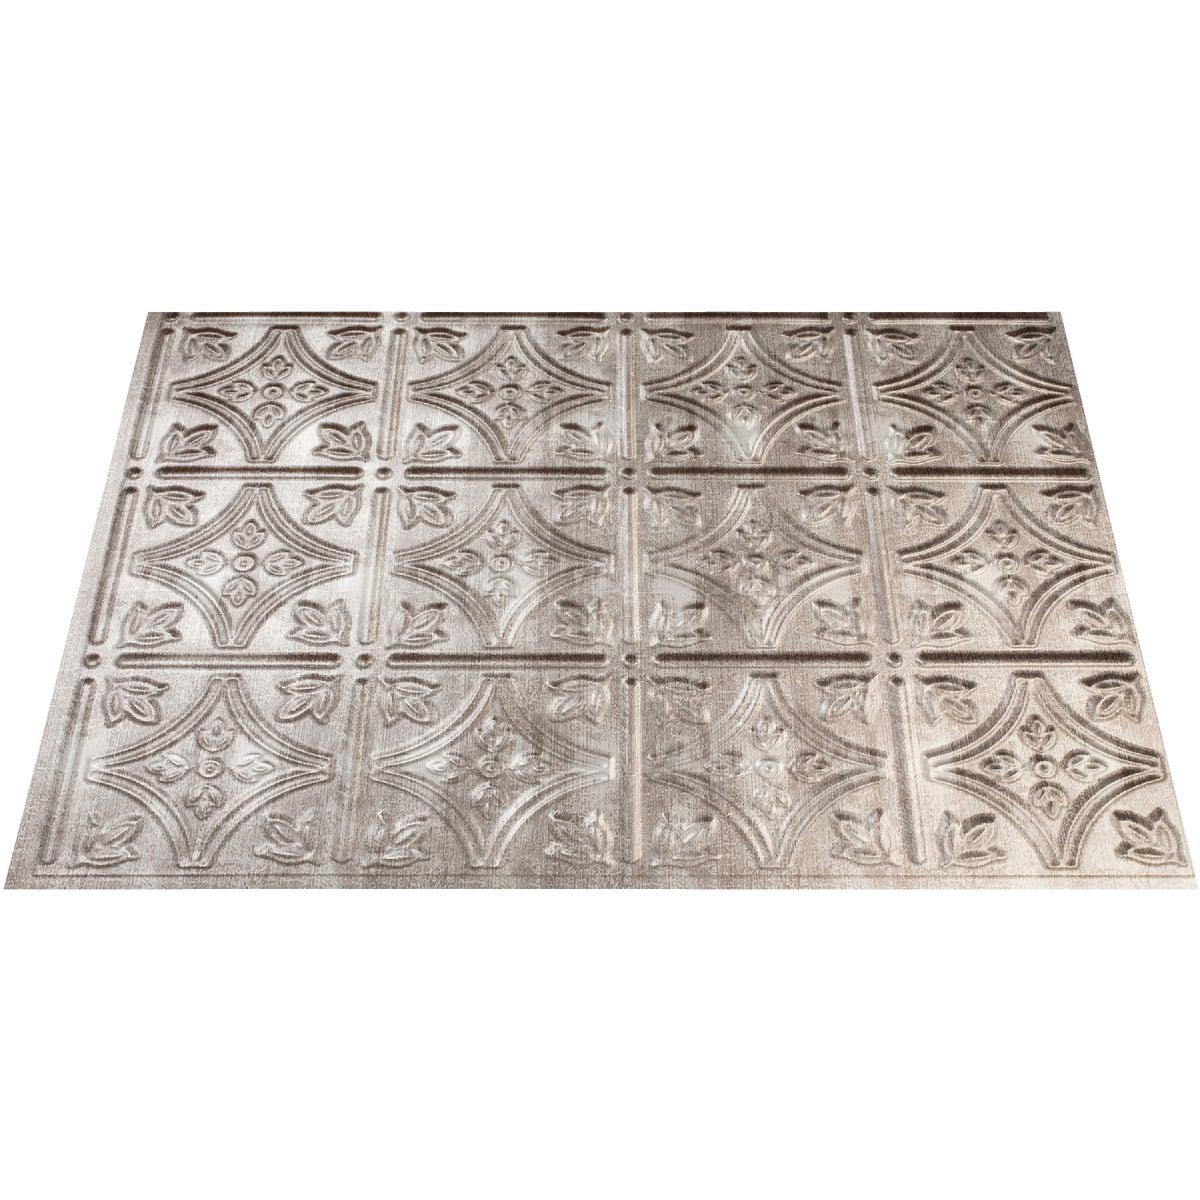 Ch Silver Trad 1 Panel